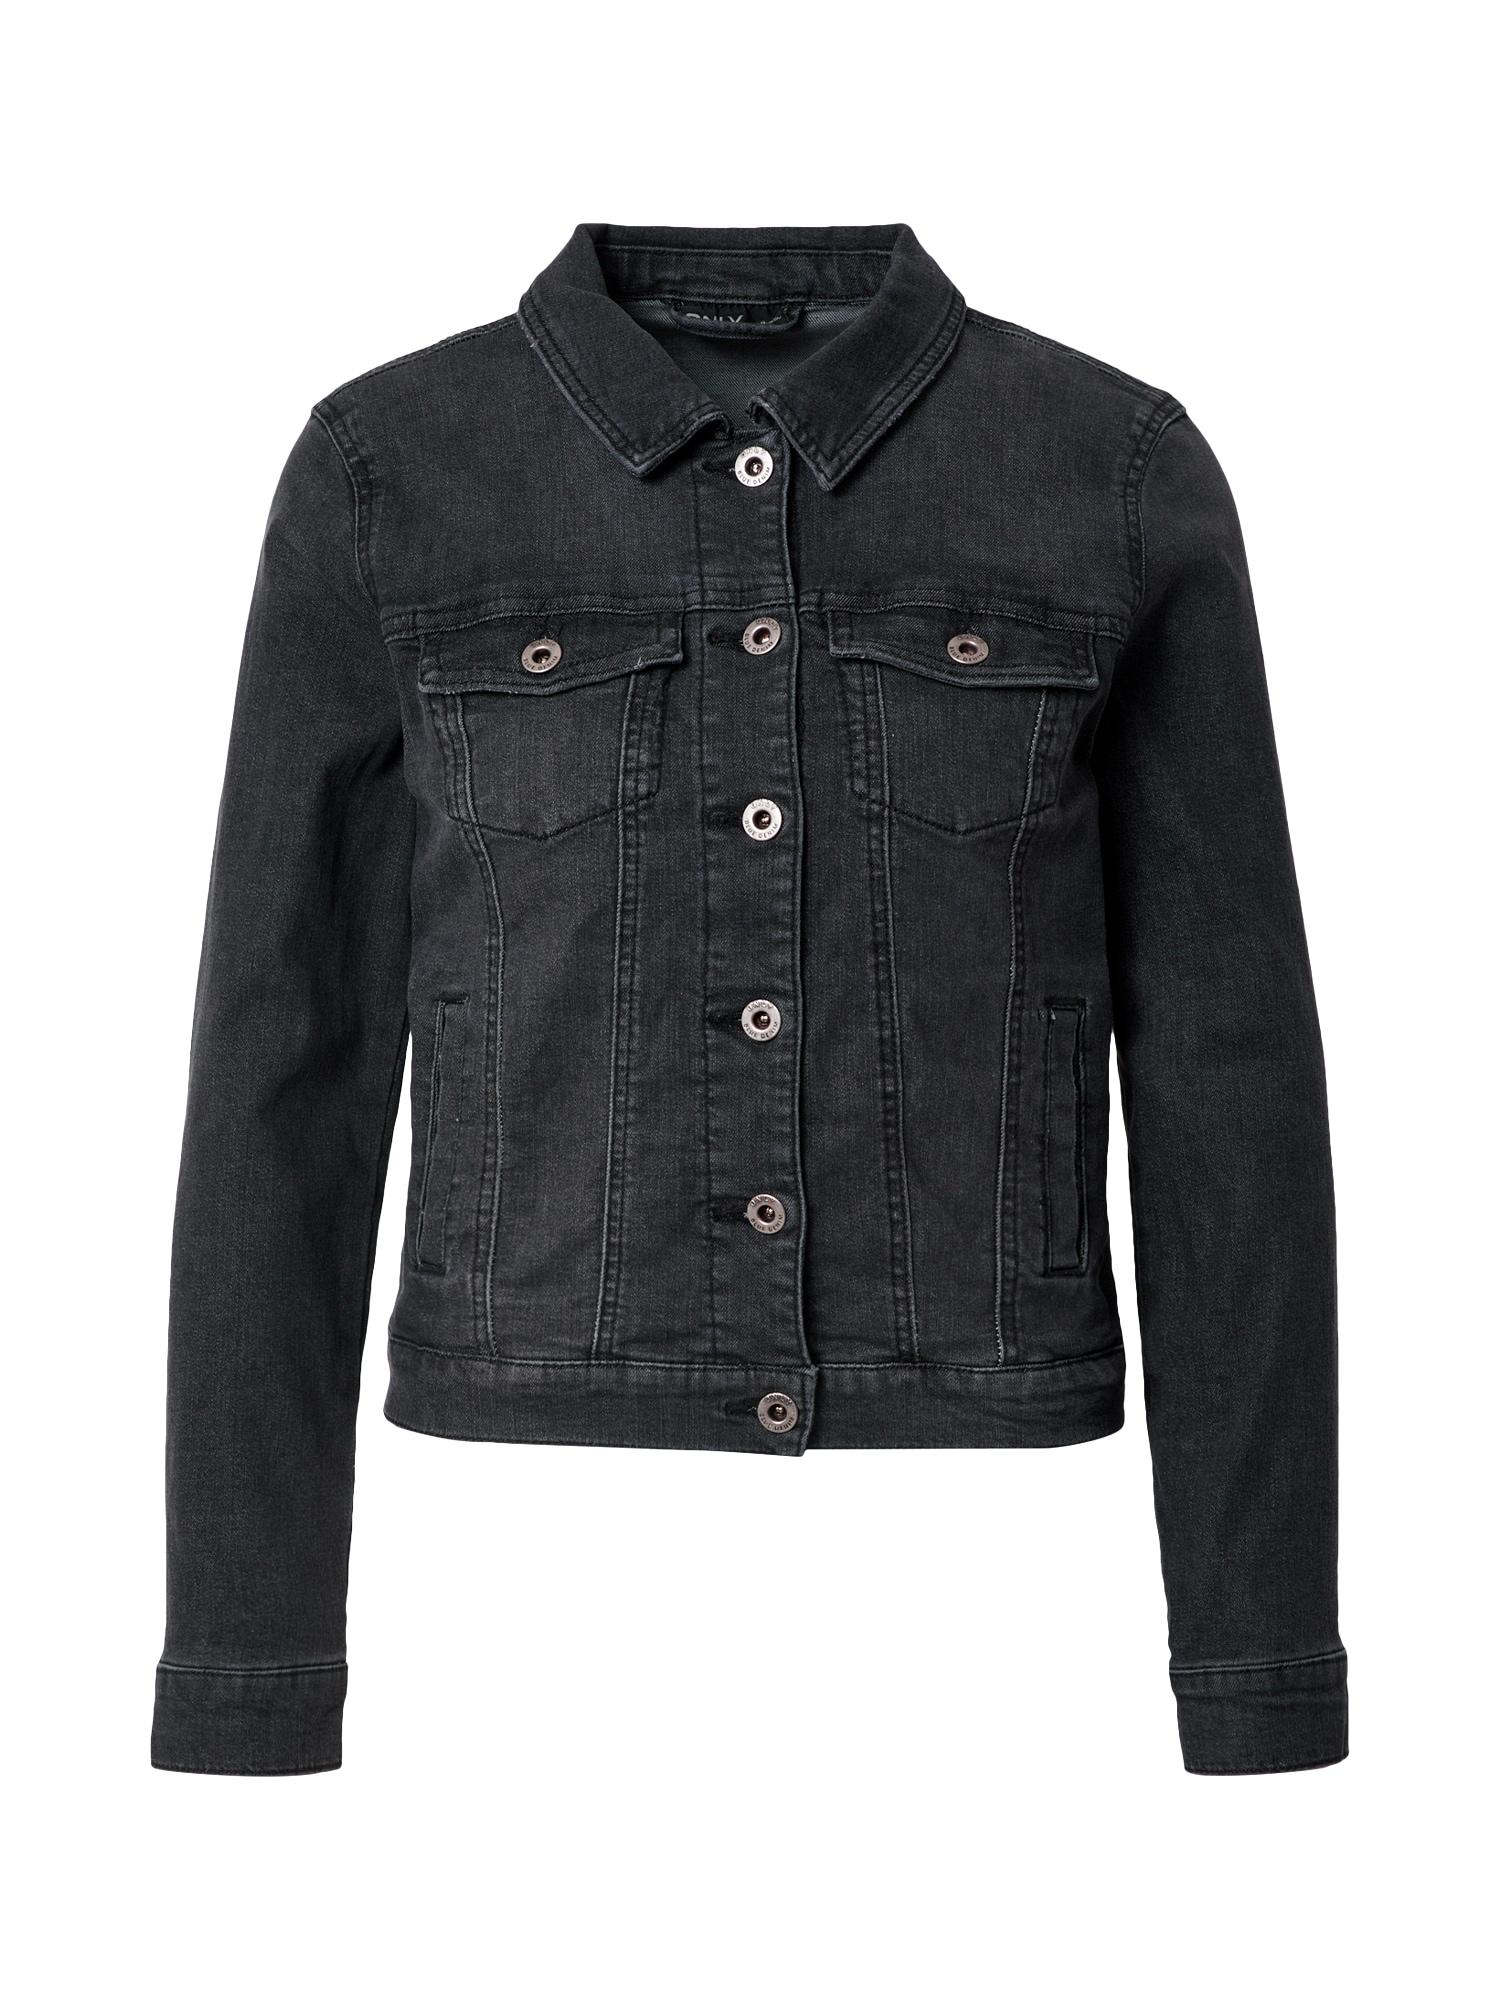 ONLY Demisezoninė striukė 'DINA' juodo džinso spalva